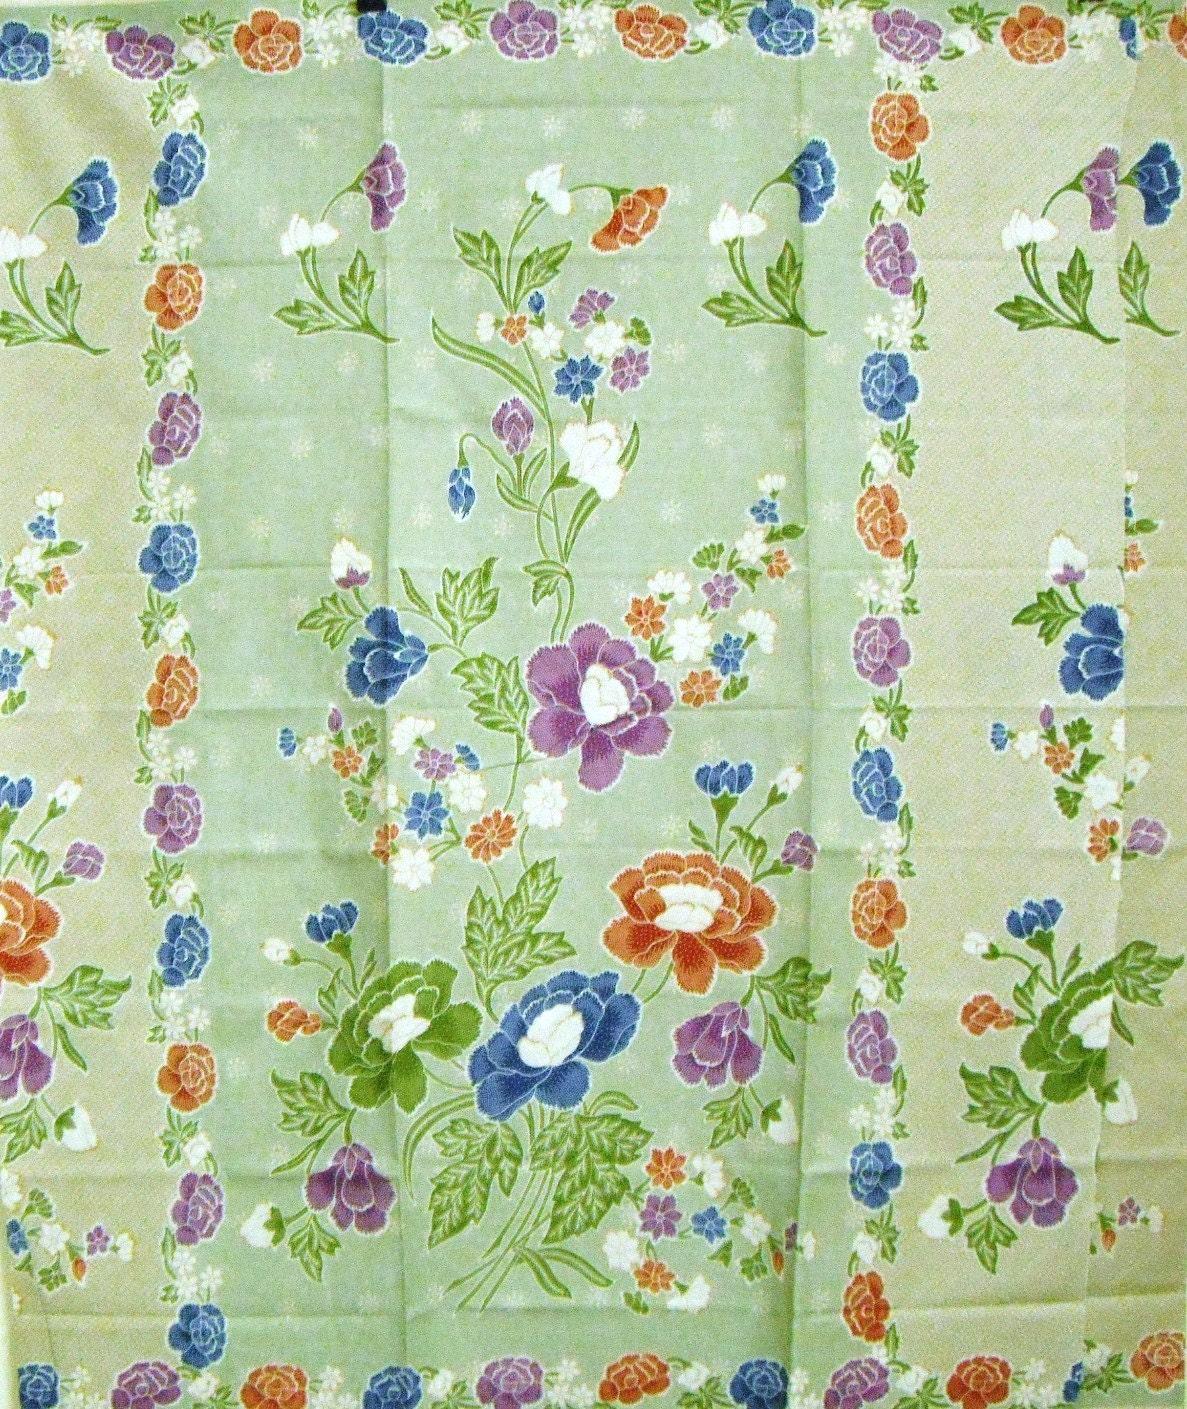 Colourful Malaysian Floral Batik Sarong Cotton Fabric